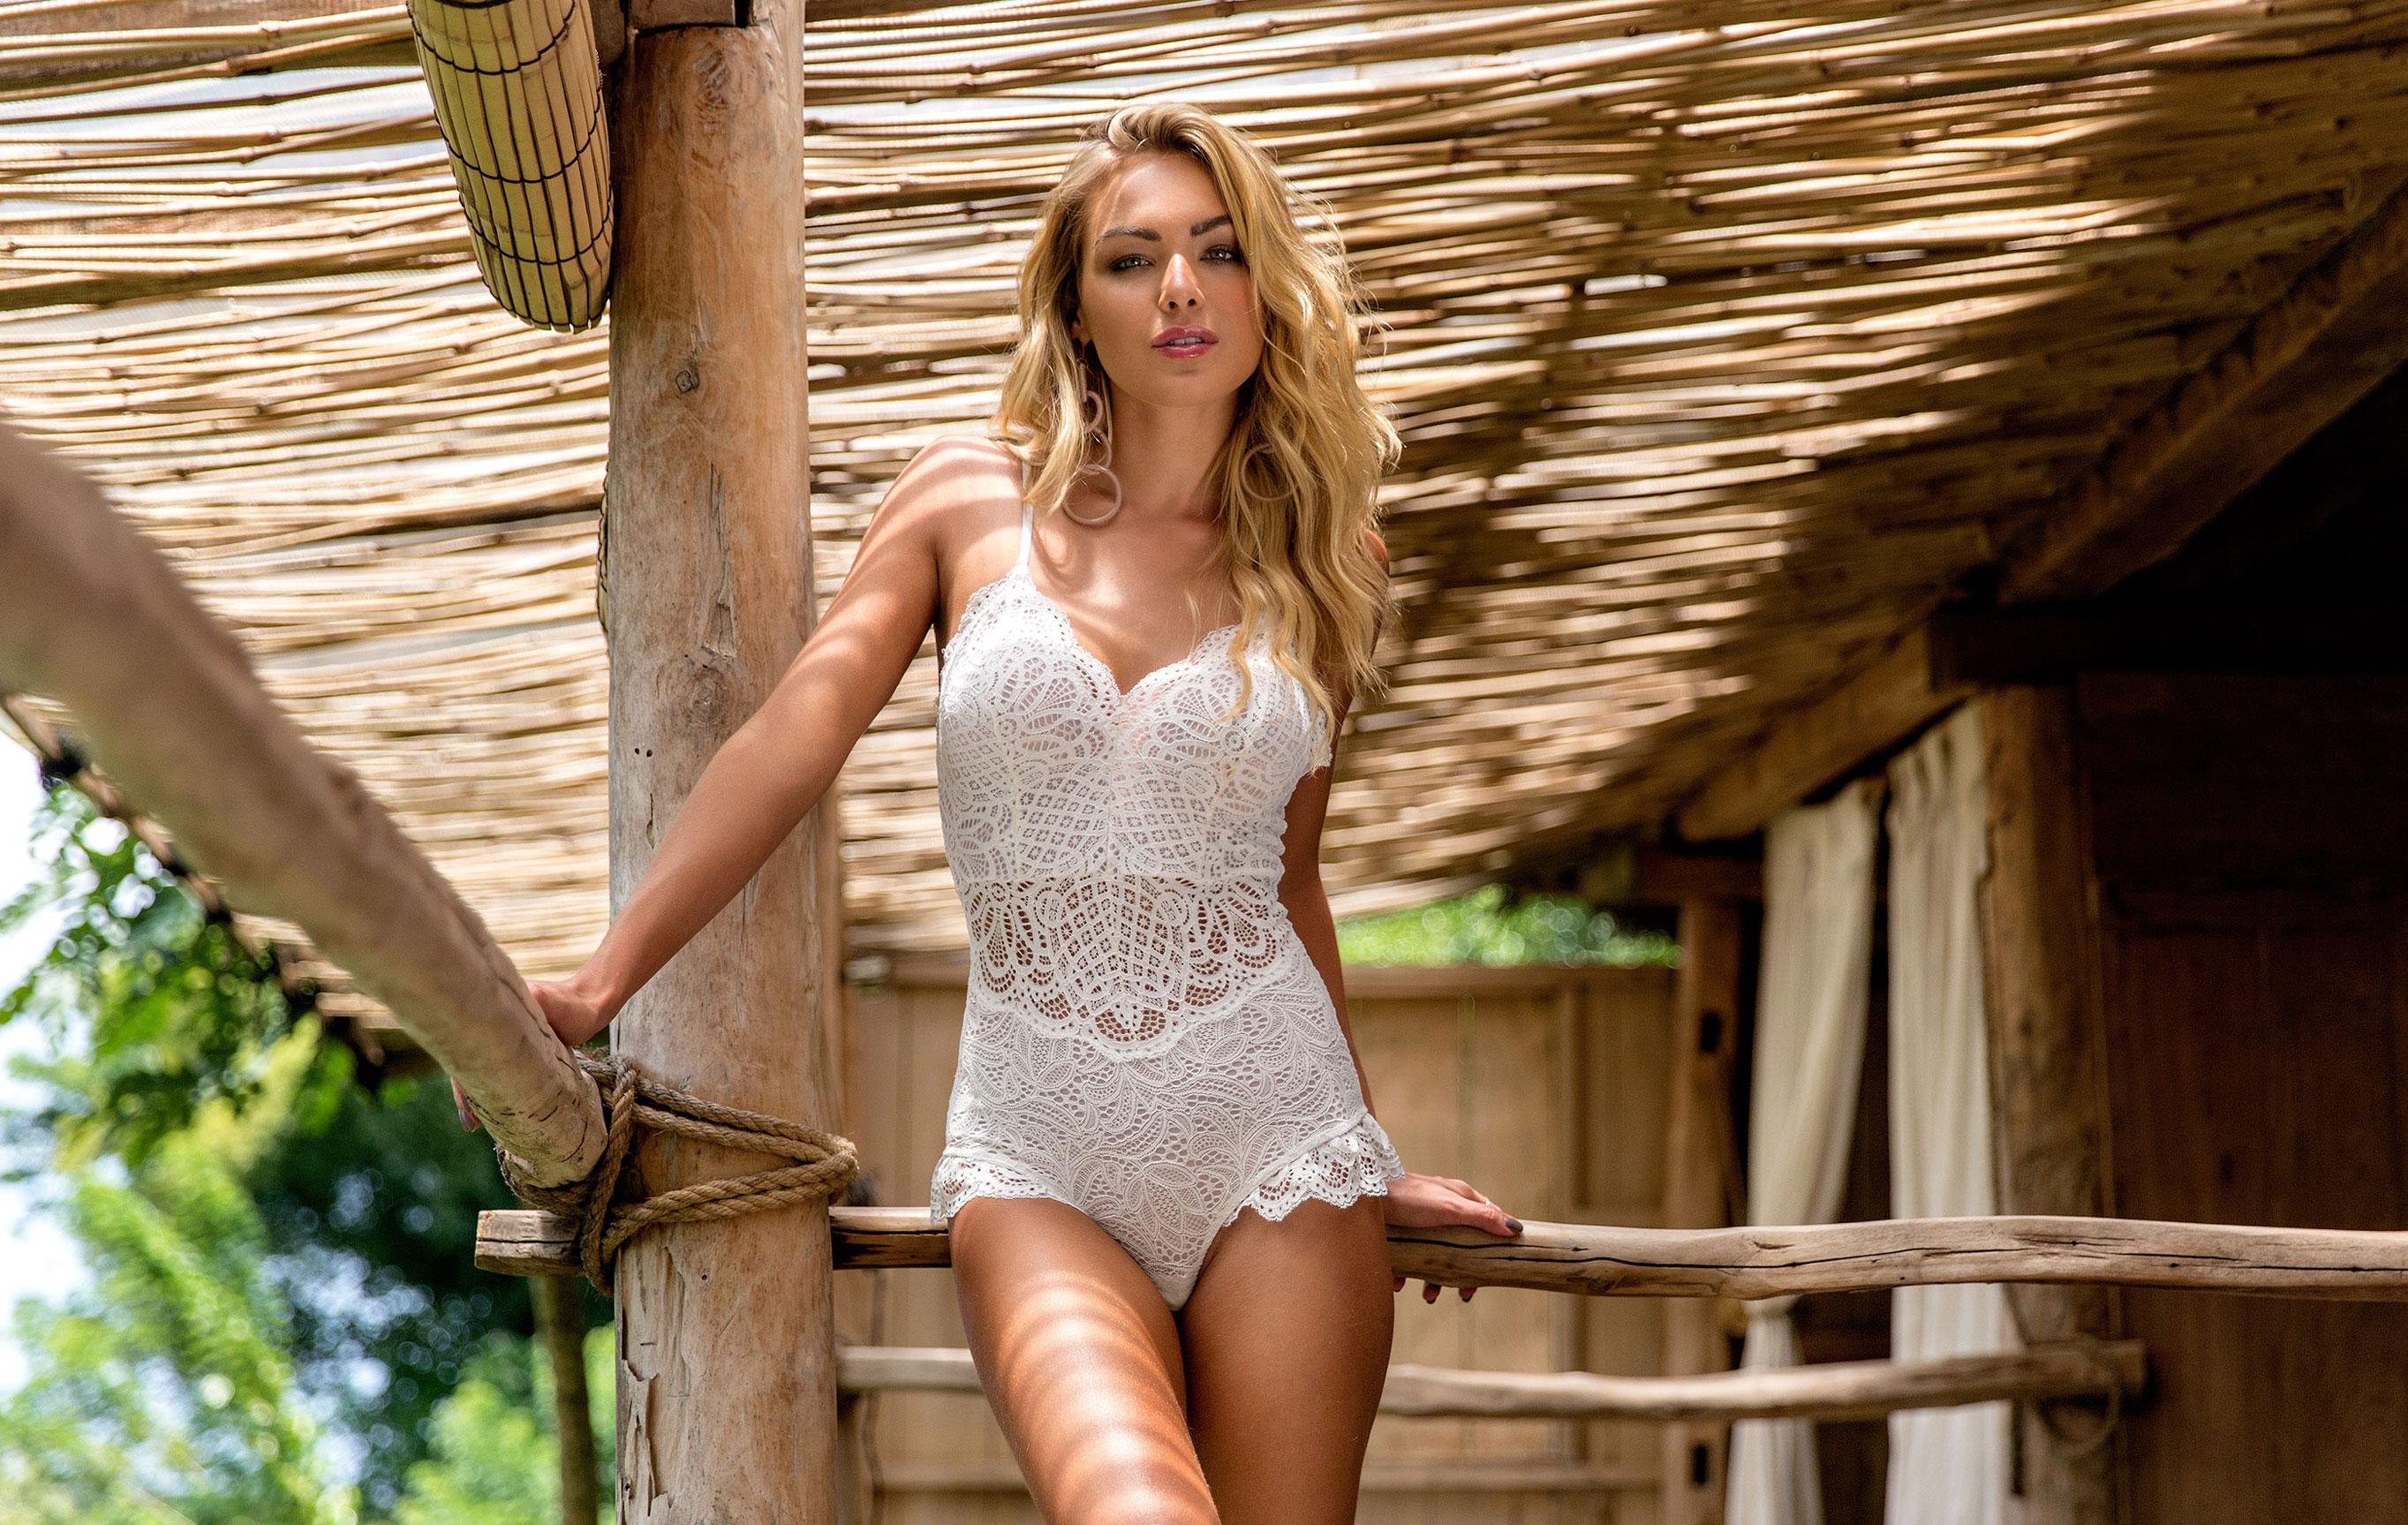 Барбара Хек в нижнем белье модного бренда Bali, лето 2019 / фото 01